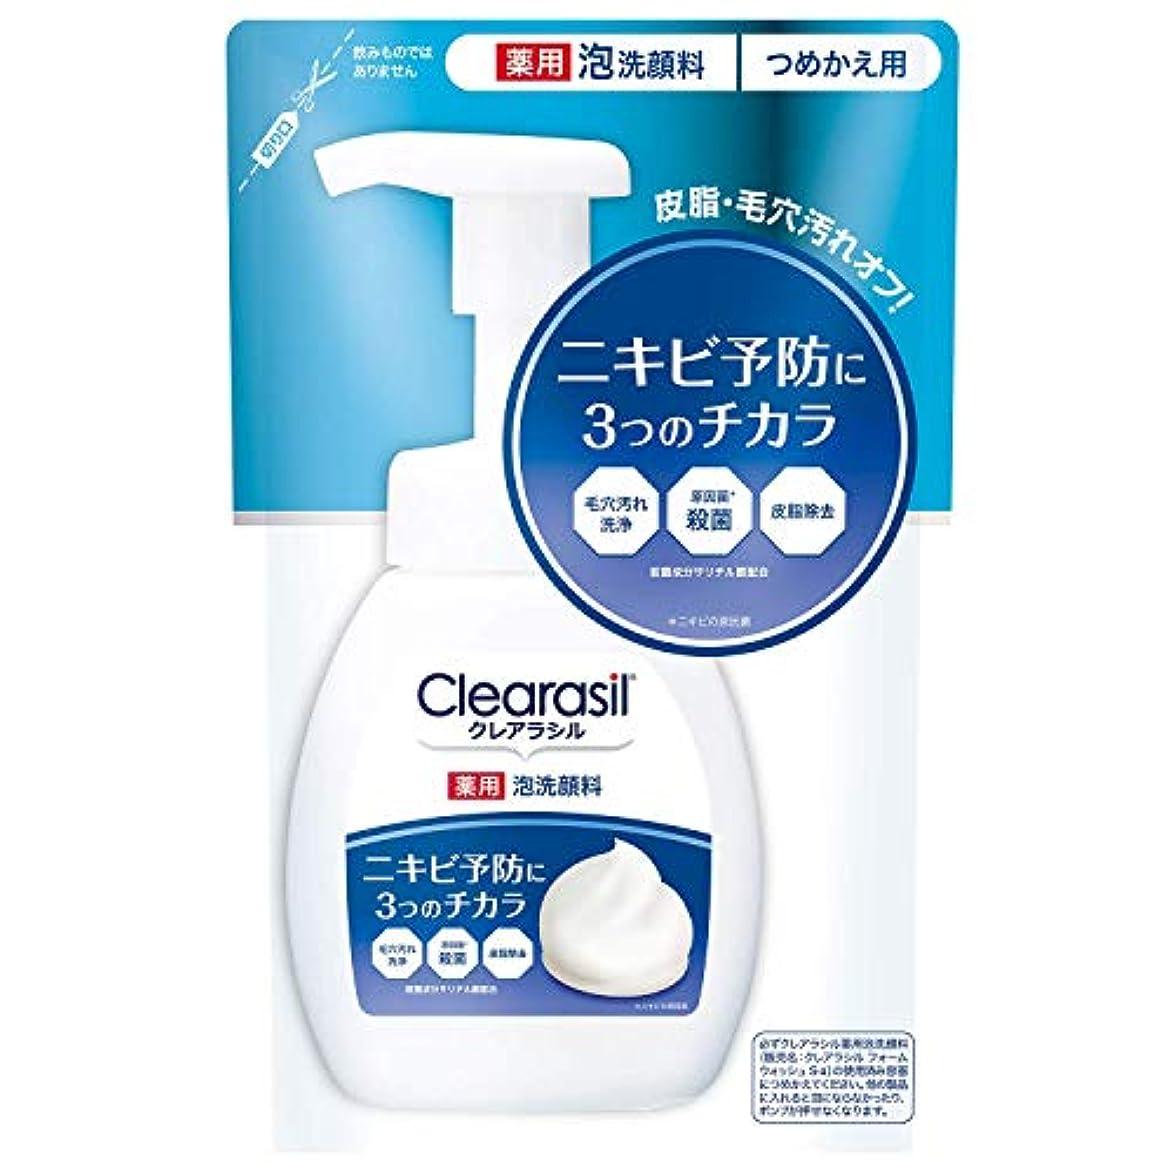 挑発するスロベニア司教【clearasil】クレアラシル 薬用泡洗顔フォーム10 つめかえ用 (180ml) ×10個セット